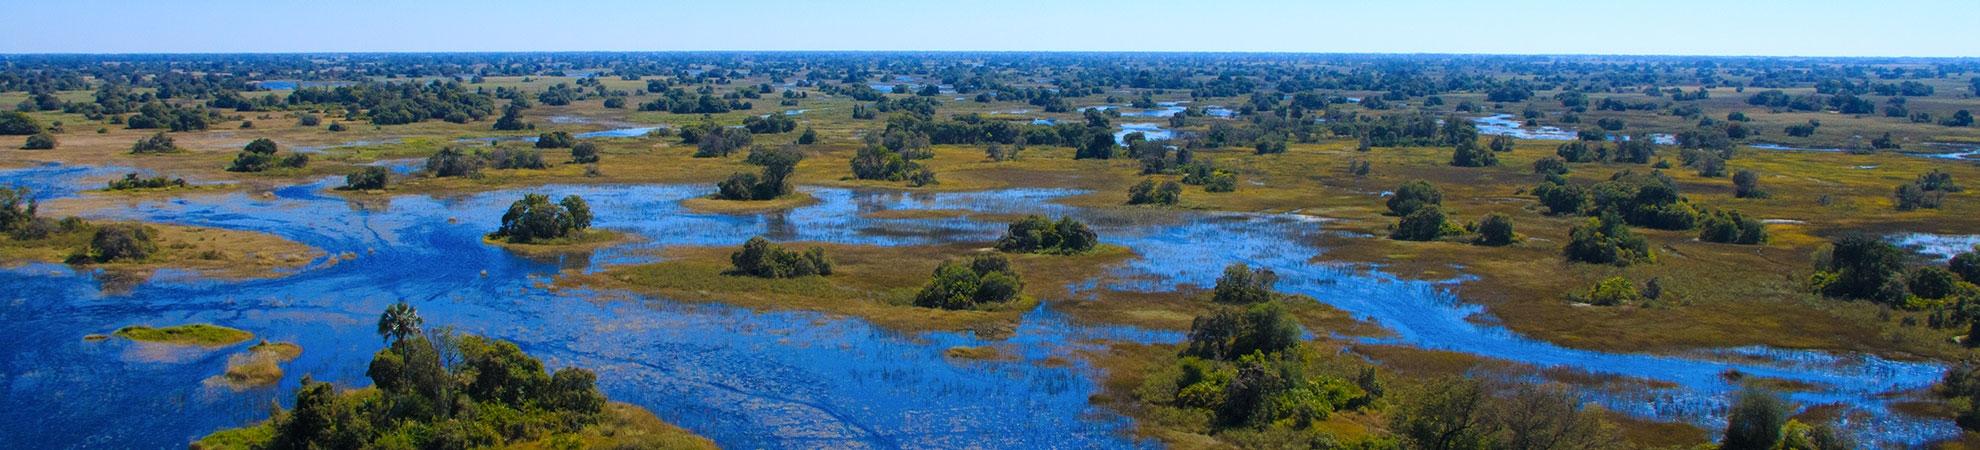 Voyage Delta de l'Okavango